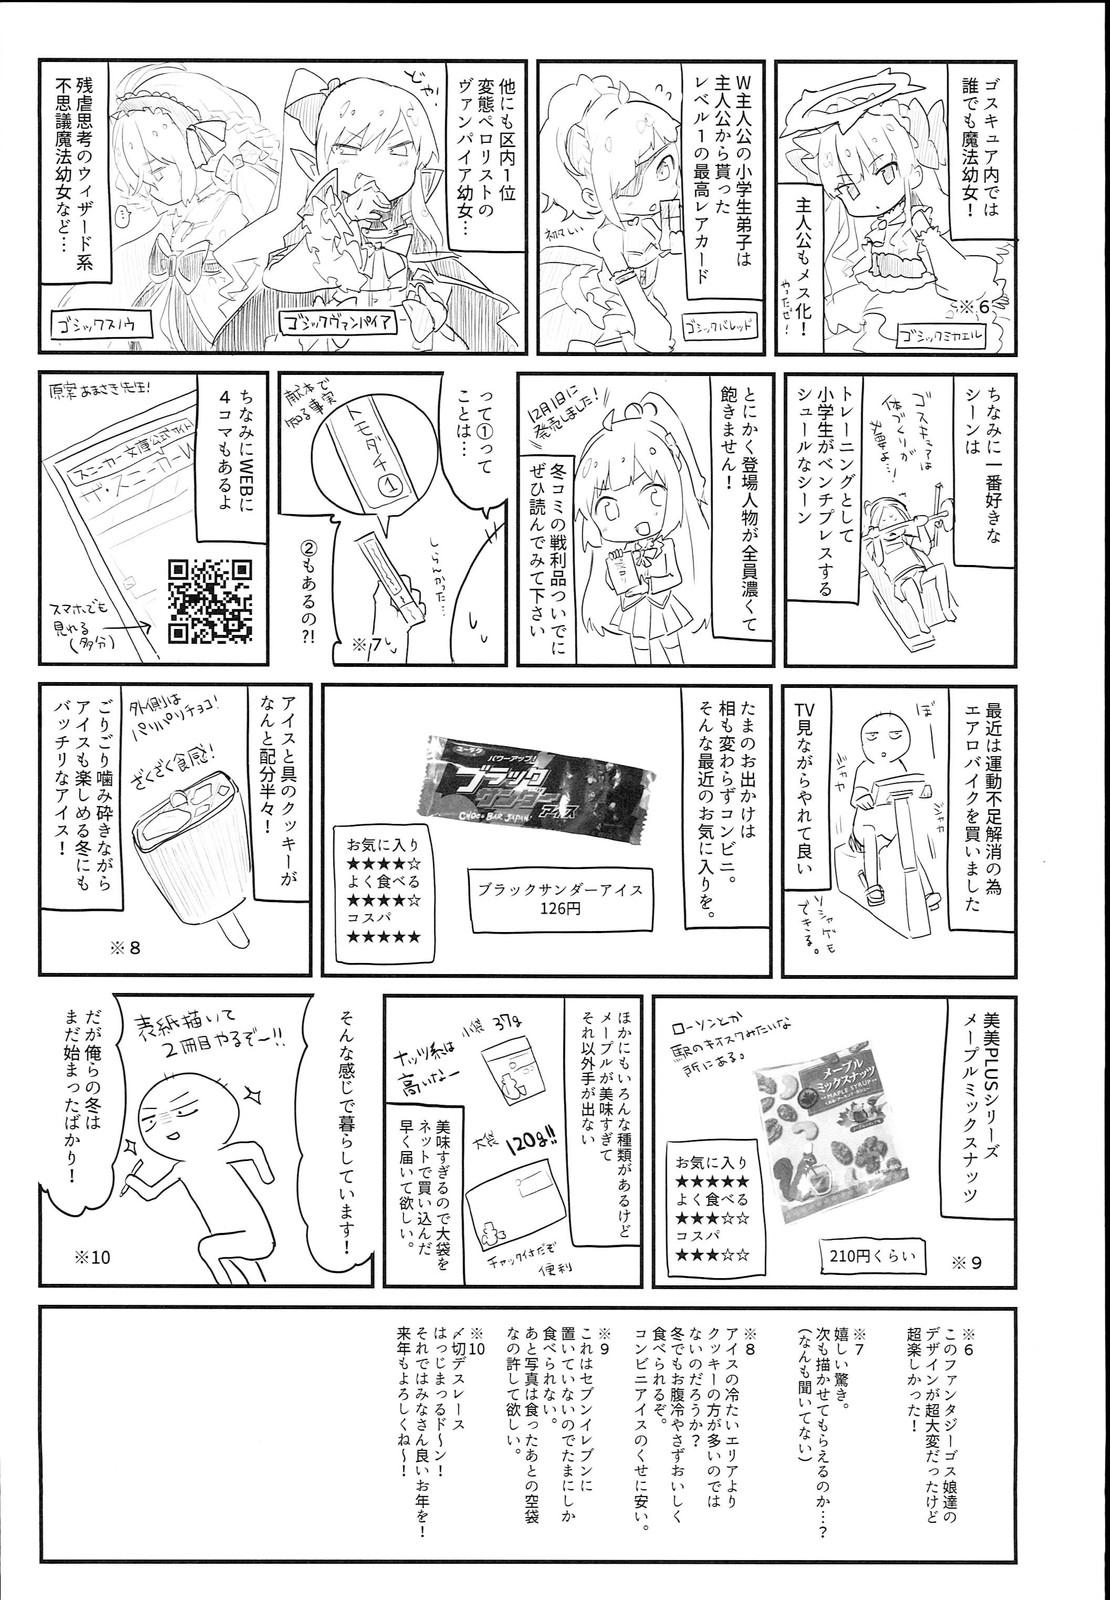 【エロ同人誌】服が透けてエロい諏訪子ちゃんと雨宿りセックスwww【東方Project/C93】